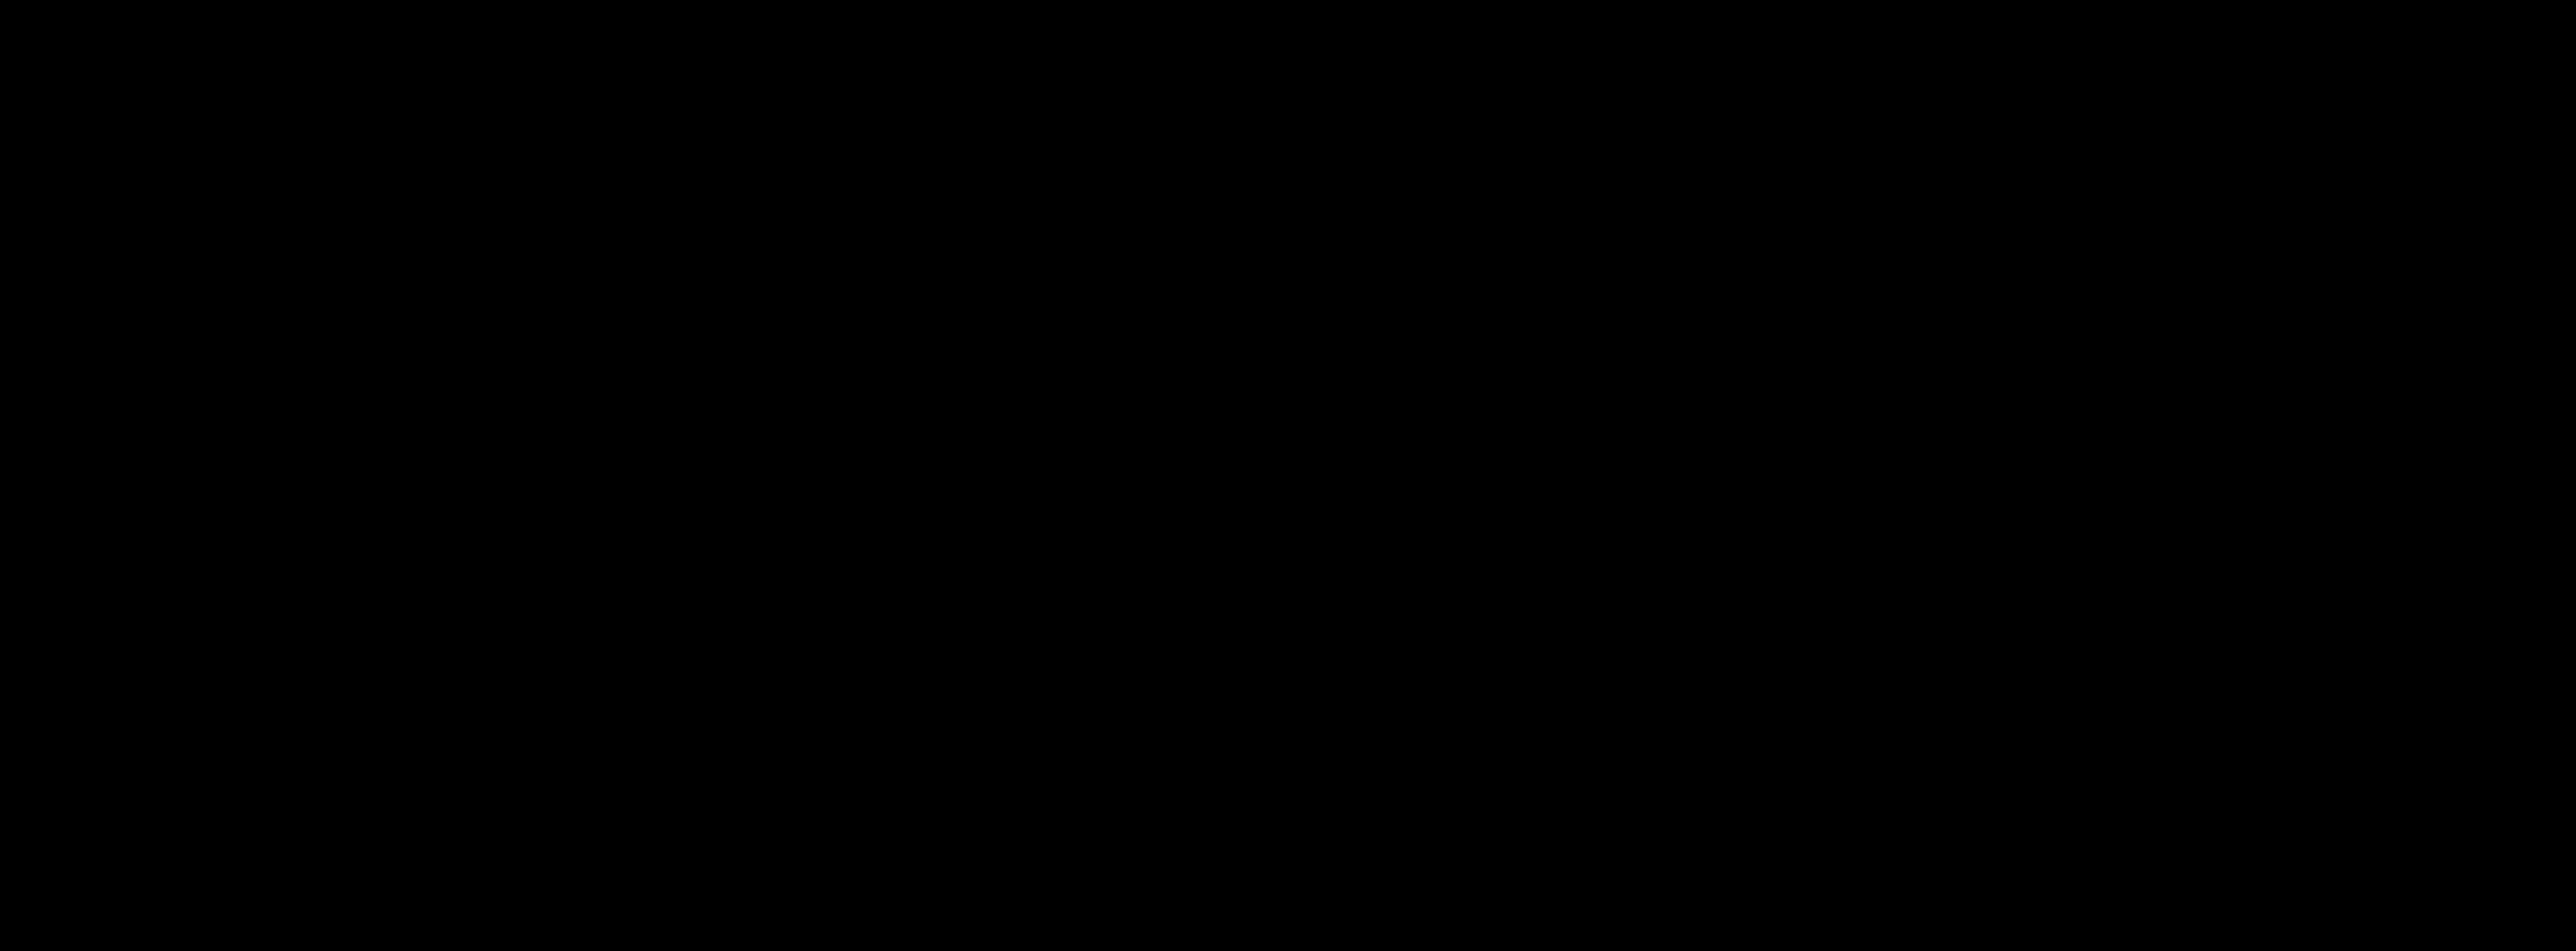 7812cb0cff1  EXPÉRIENCE  4 jours sans dormir (suite et fin) · NEON